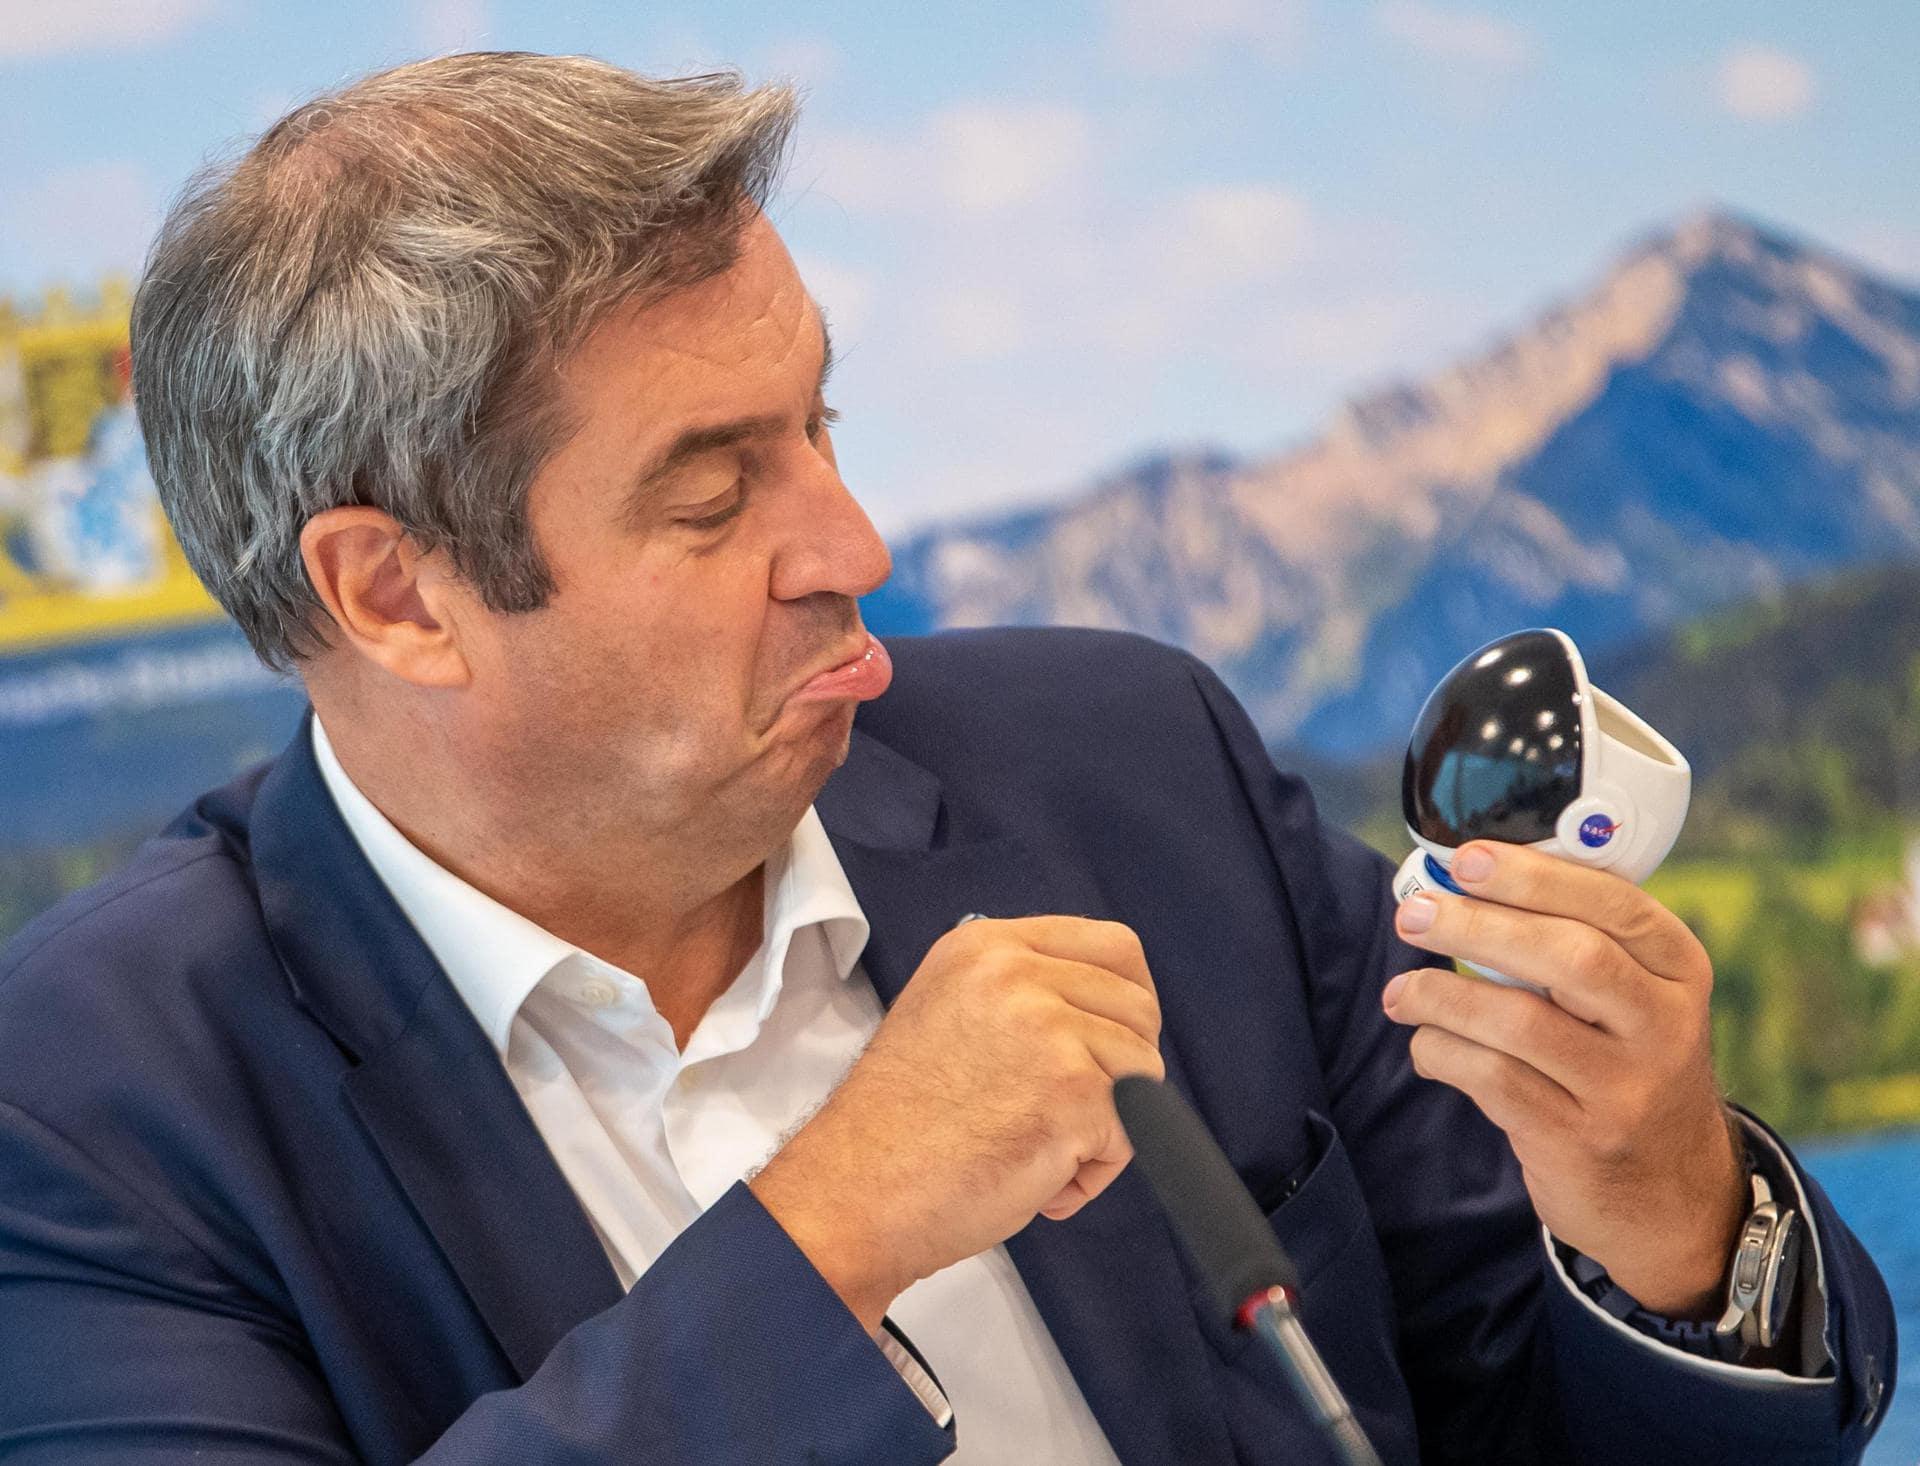 Neue Anti-Corona-Regeln in Bayern «Neues Kapitel»